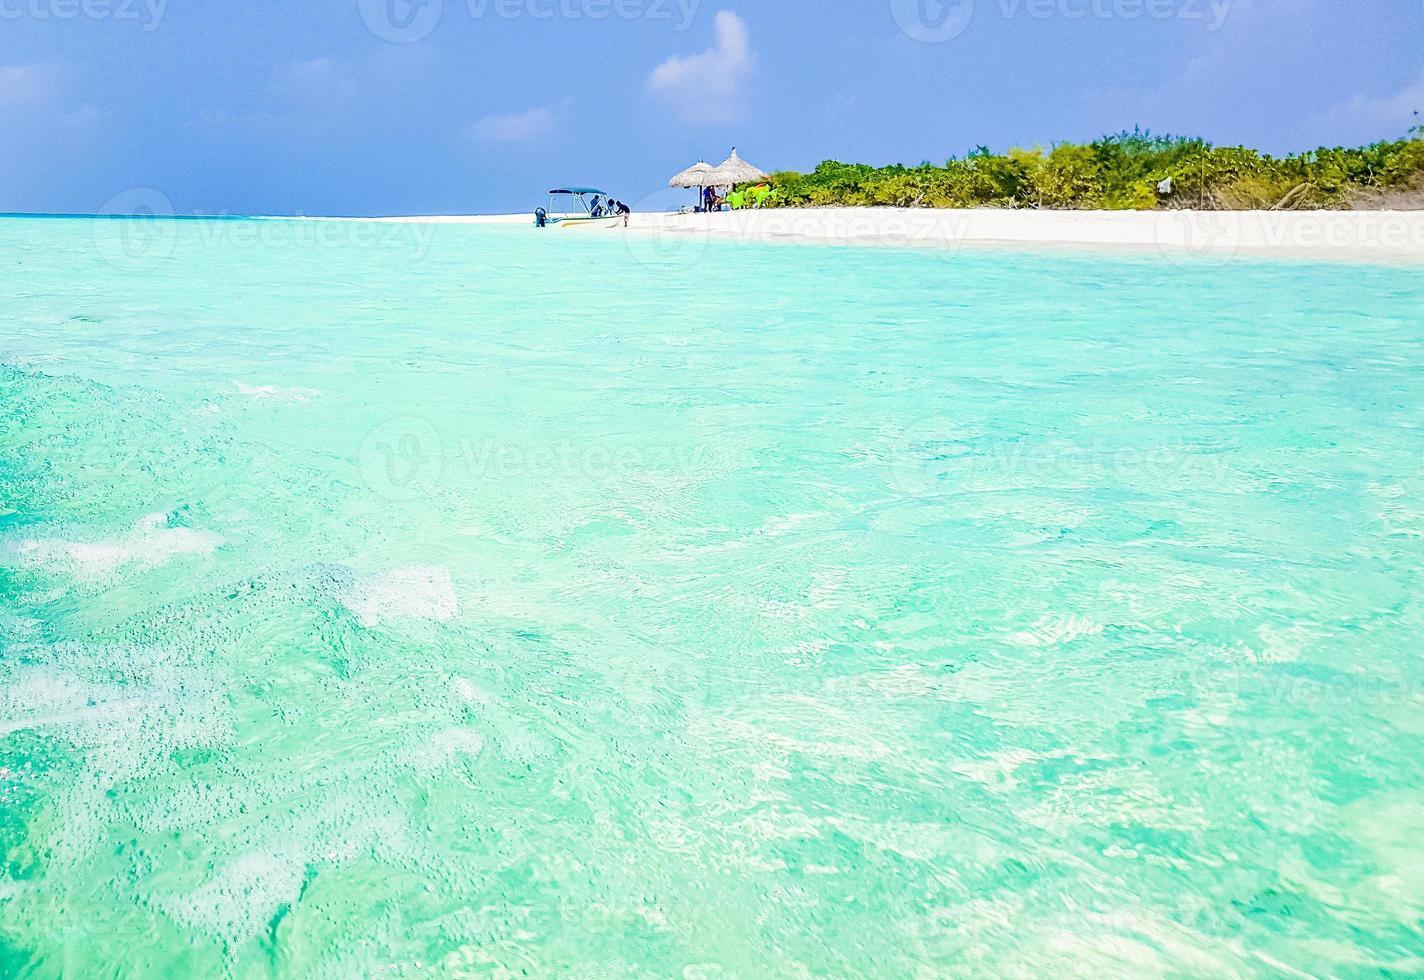 eau claire aux îles sandbank madivaru et finolhu dans l'atoll de rasdhoo, maldives photo